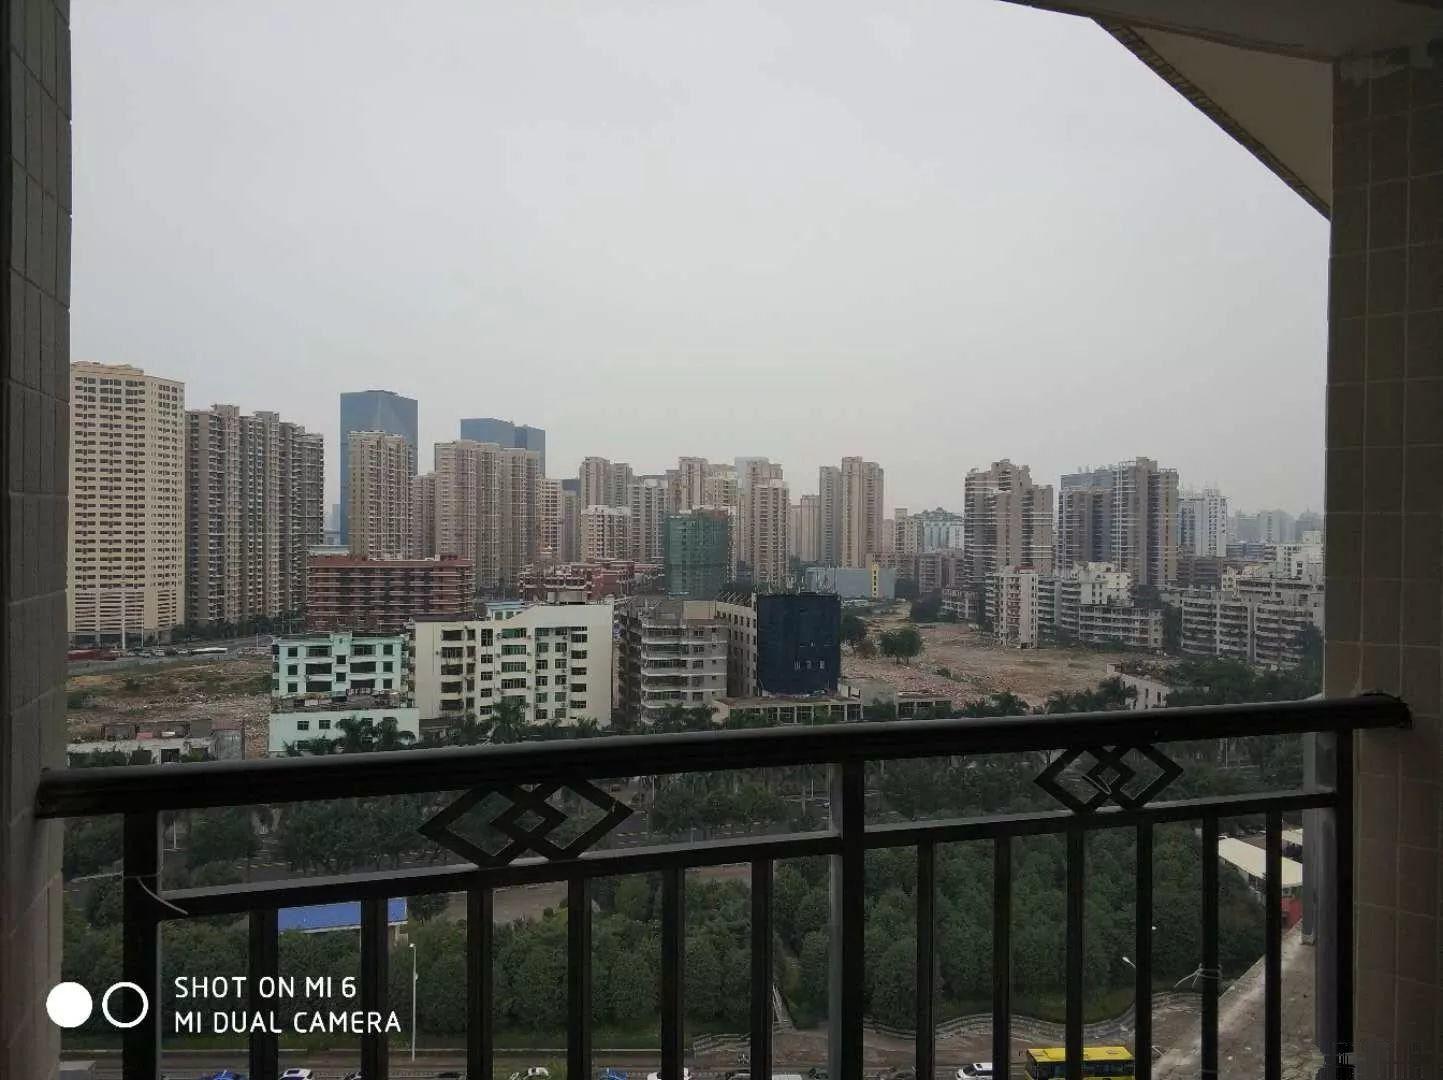 国兴商圈 宇建城市花园 精装3房 配套齐全 观景视角开阔